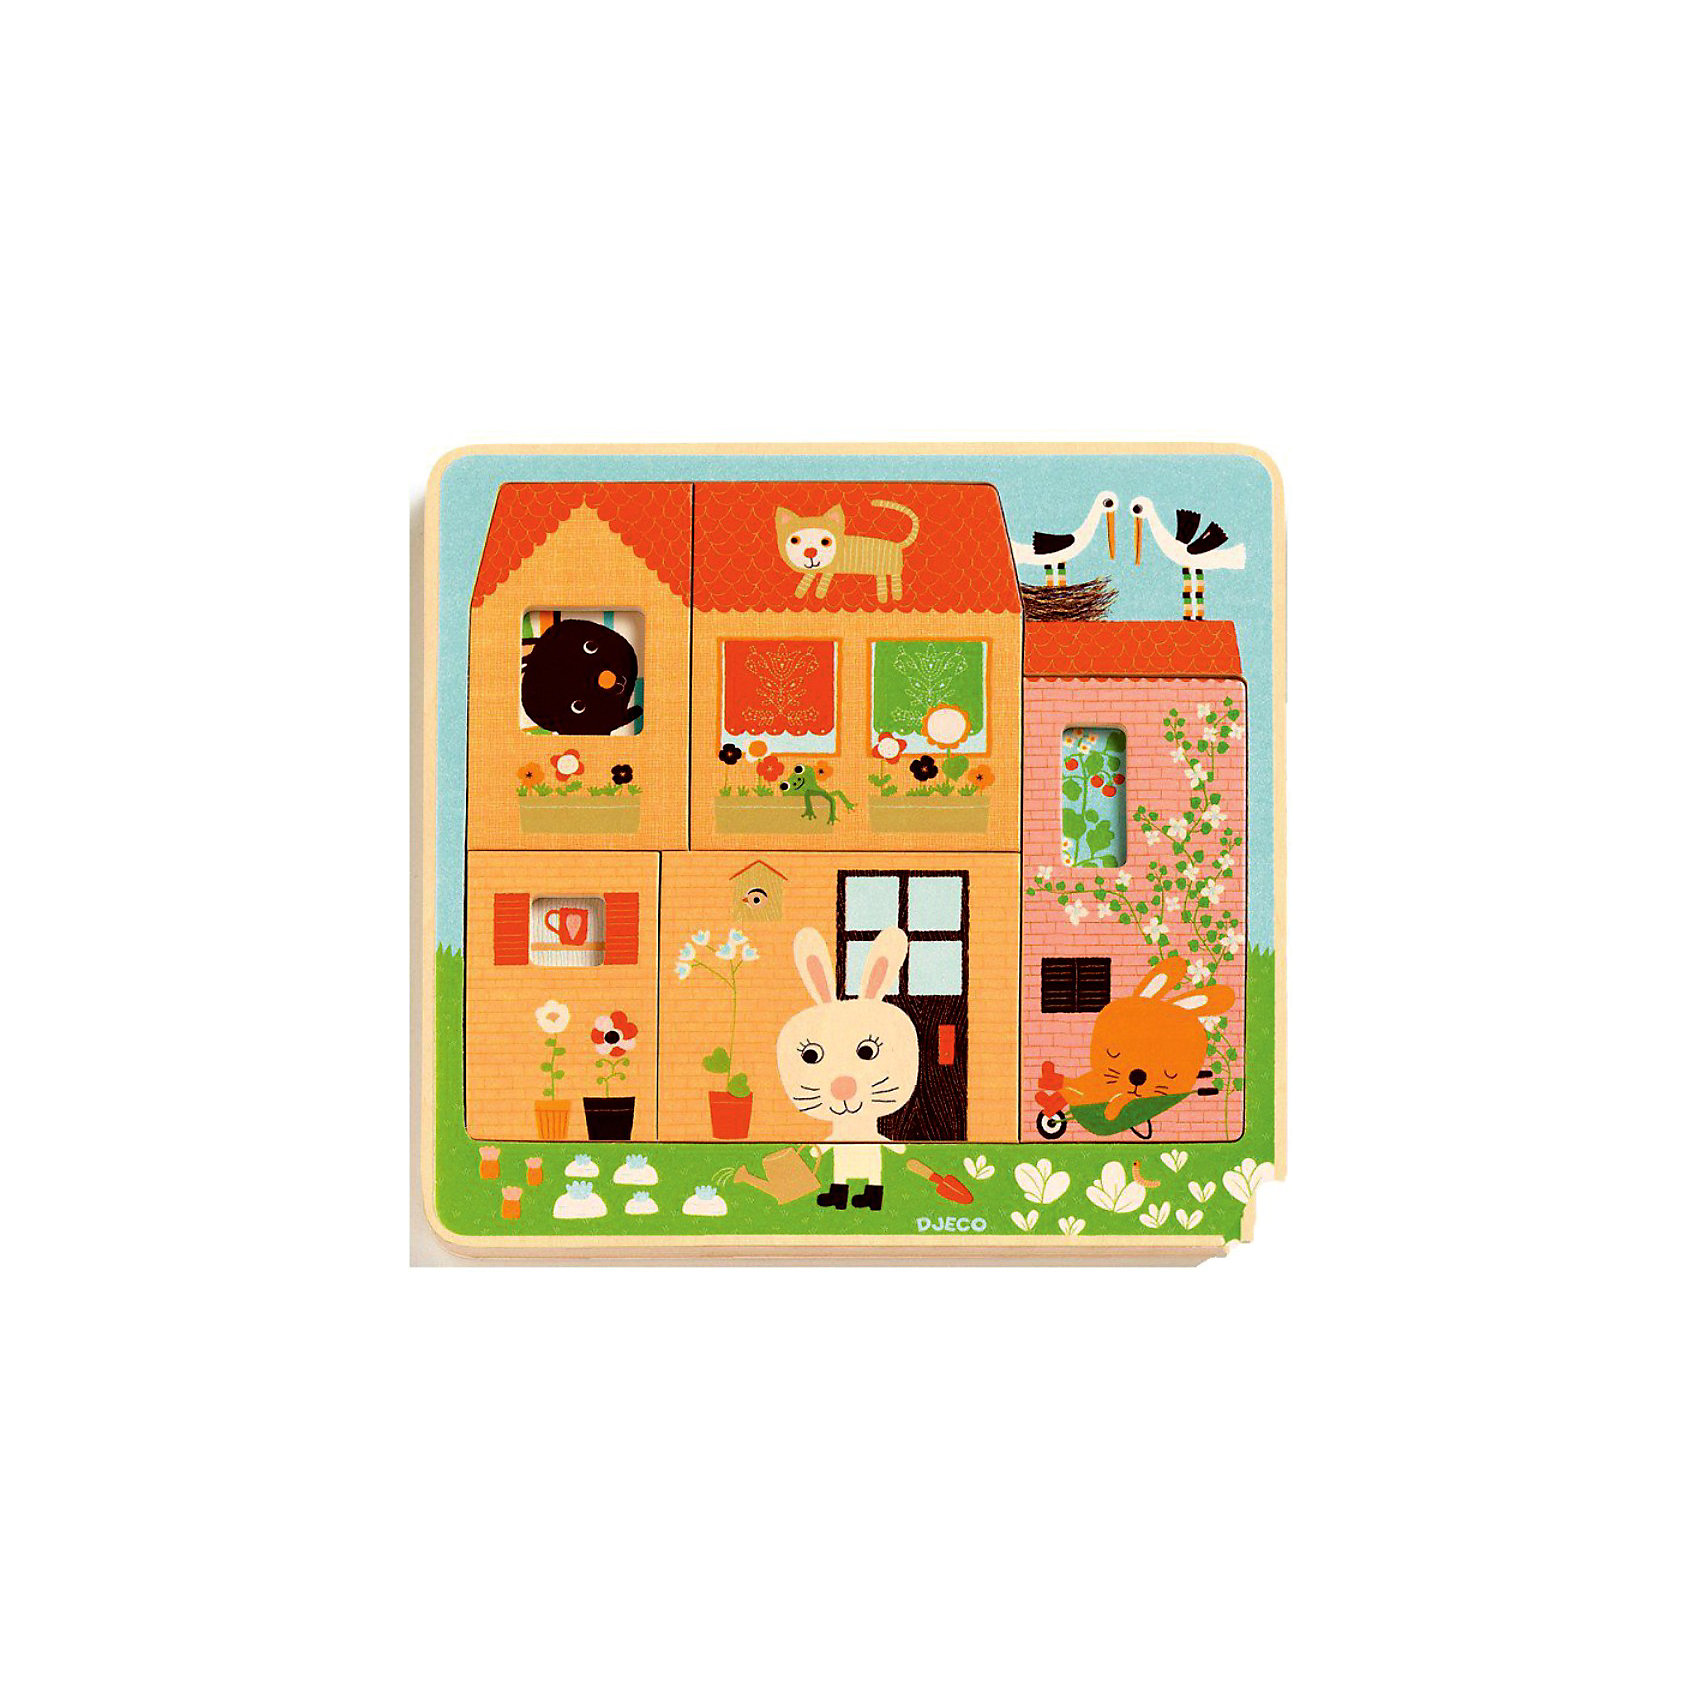 Трехслойный пазл Дом зайцев,  DJECOМногослойные пазлы сейчас очень популярны! Ведь сочетают в себе и увлекательную игру и пользу пазла. Увлекательный и яркий трехслойный пазл Дом зайцев от DJECO (Джеко) откроет малышу дверь в увлекательный мир забавных зайчишек. Пазл состоит из 3-х слоев: первый слой - домик заек, второй слой - комнаты, третий - сами зайчики. Малышу будет очень интересно играя и складывая изучать слой за слоем жизнь зайчиков в их доме. Покажите малышу, как сопоставлять цвета и формы и он с радостью будет собирать маленькую семью снова и снова. Пазл полностью выполнен из натурального дерева, все его детали гладкие и яркие, поэтому он очень хорошо подойдет начинающим любителям пазлов.  Игра развивает пространственное мышление, тренирует мелкую моторику. За веселой игрой у детей развивается воображение, они знакомятся с окружающим миром, его формами, размерами и цветами.<br><br>Дополнительная информация:<br><br>- Многослойный пазл из натурального дерева;<br>- Прекрасный тренажер для моторных навыков, логического мышления, внимания;<br>- Подходит для первого знакомства с пазлами;<br>- Три слоя;<br>- Яркие цвета, безопасные краски;<br>- Продается в коробочке удобной для хранения;<br>- Размер пазла: 26 х 26 х 2 см;<br>- Вес: 400 г<br><br>Трехслойный пазл Дом зайцев DJECO (Джеко) можно купить в нашем интернет-магазине.<br><br>Ширина мм: 260<br>Глубина мм: 260<br>Высота мм: 25<br>Вес г: 700<br>Возраст от месяцев: 24<br>Возраст до месяцев: 60<br>Пол: Унисекс<br>Возраст: Детский<br>SKU: 3778401